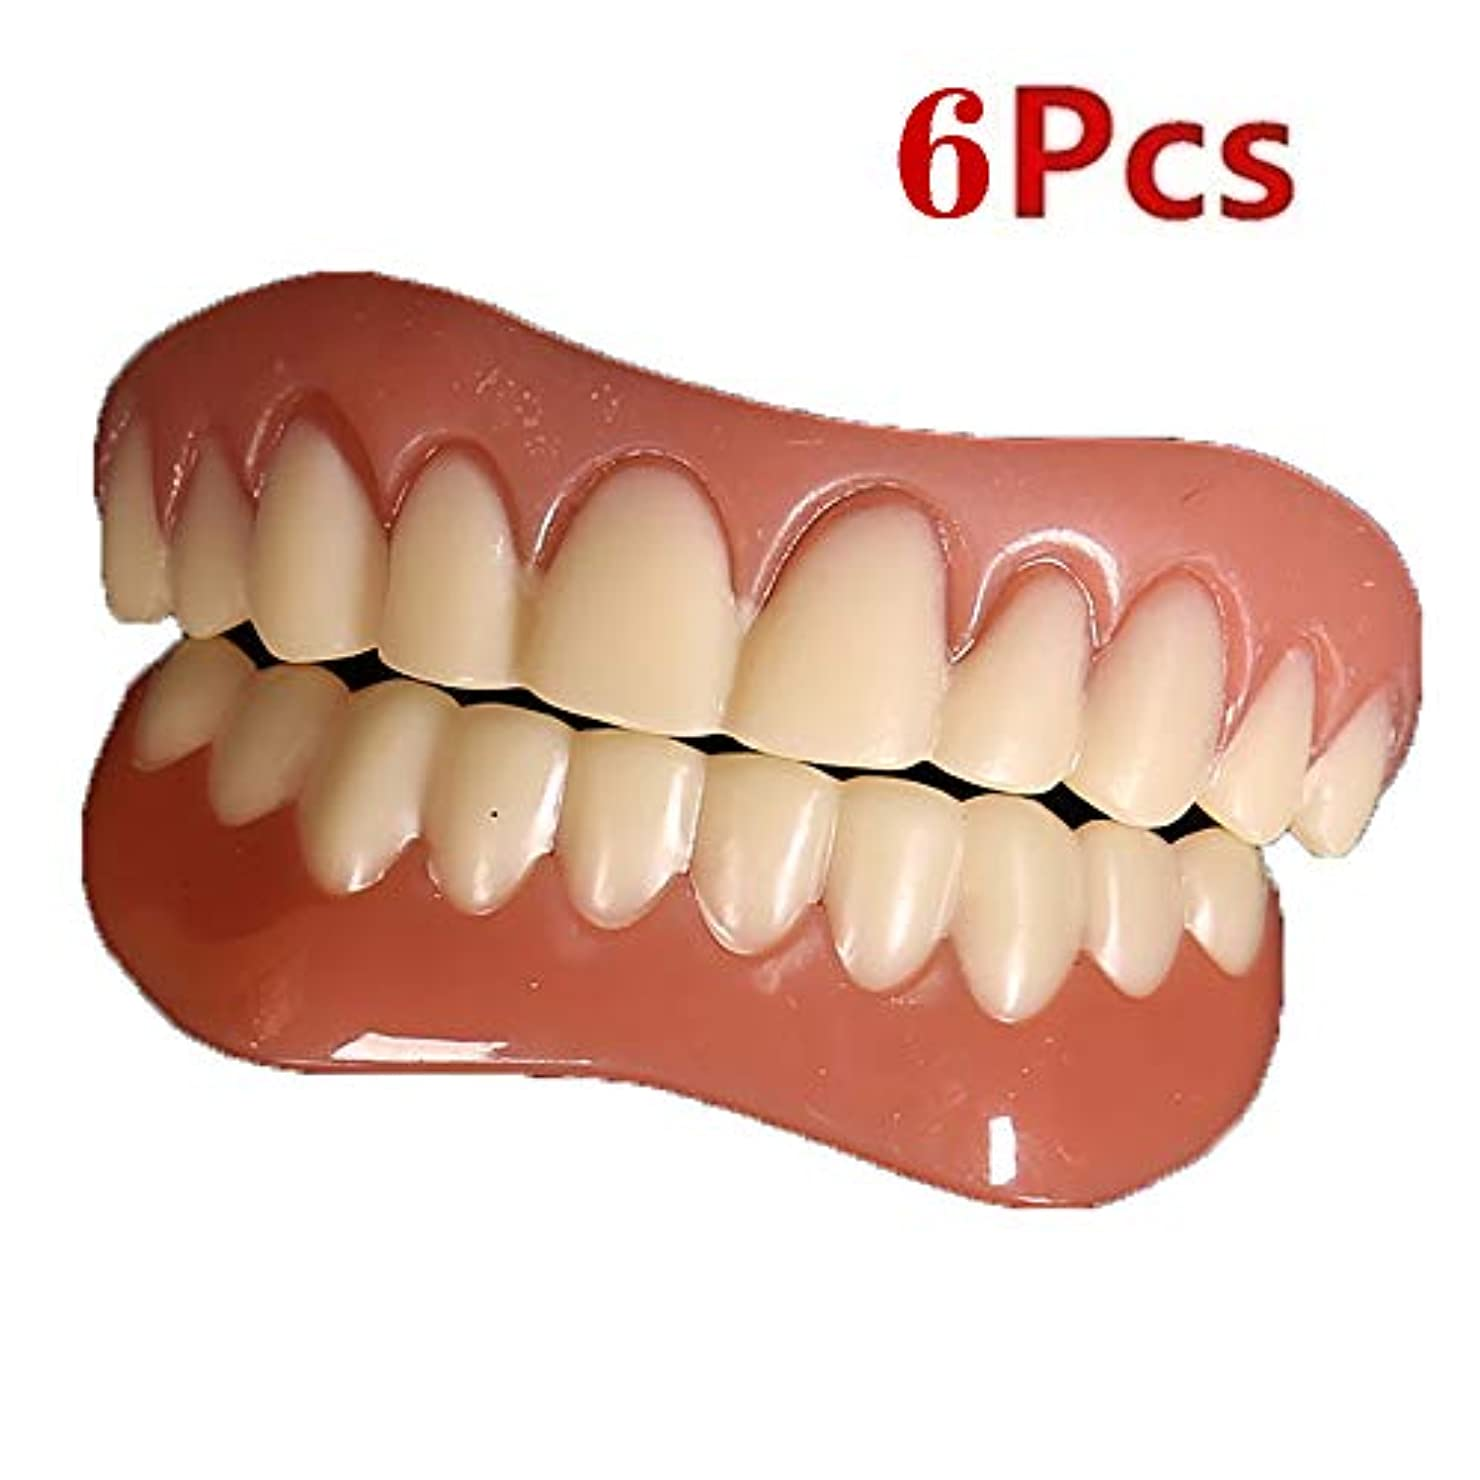 リクルート摘むラグ即時の微笑の歯の上部のより低いベニヤの慰めの適合の歯のベニヤ、歯科ベニヤの慰めの適合の歯の上の化粧品のベニヤワンサイズはすべての義歯の接着剤の歯に入れます